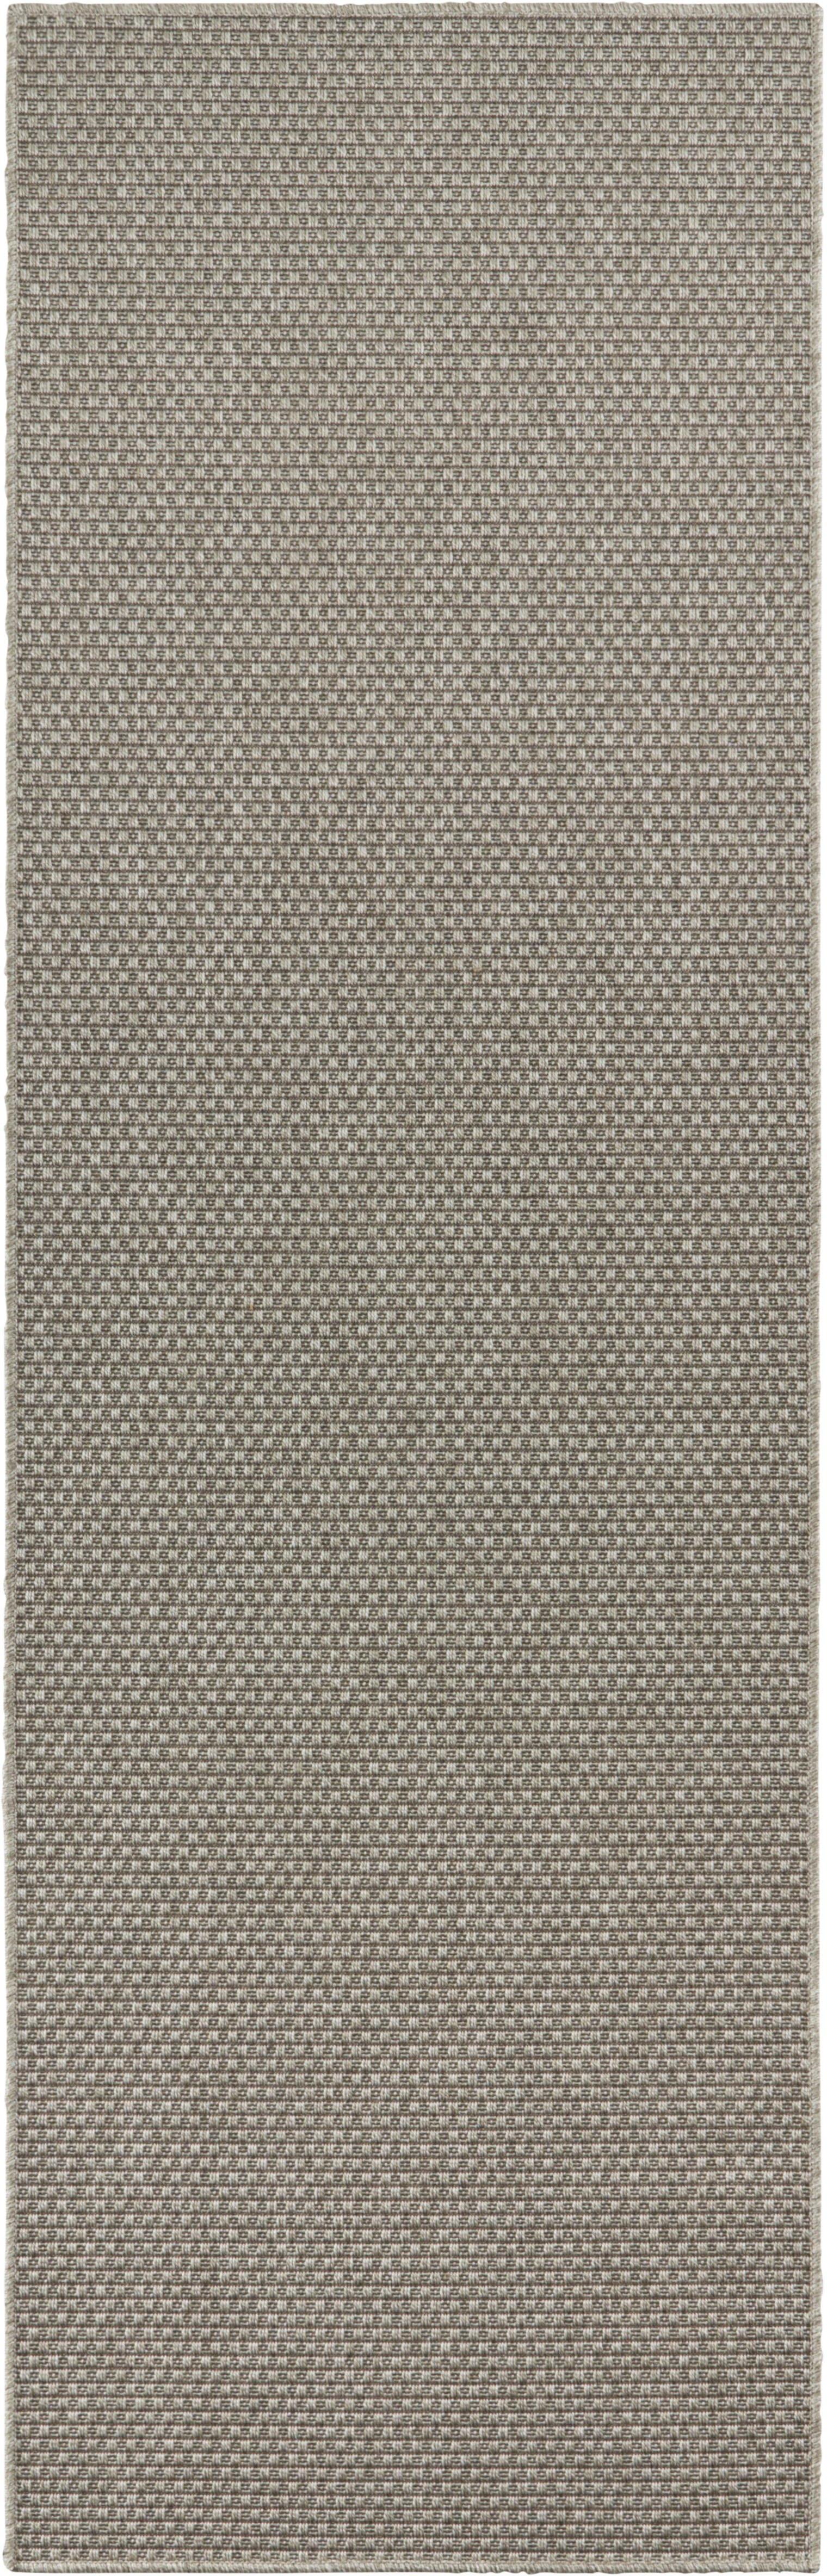 BT Carpet loper Nature 600 Sisal-look, geschikt voor binnen en buiten goedkoop op otto.nl kopen